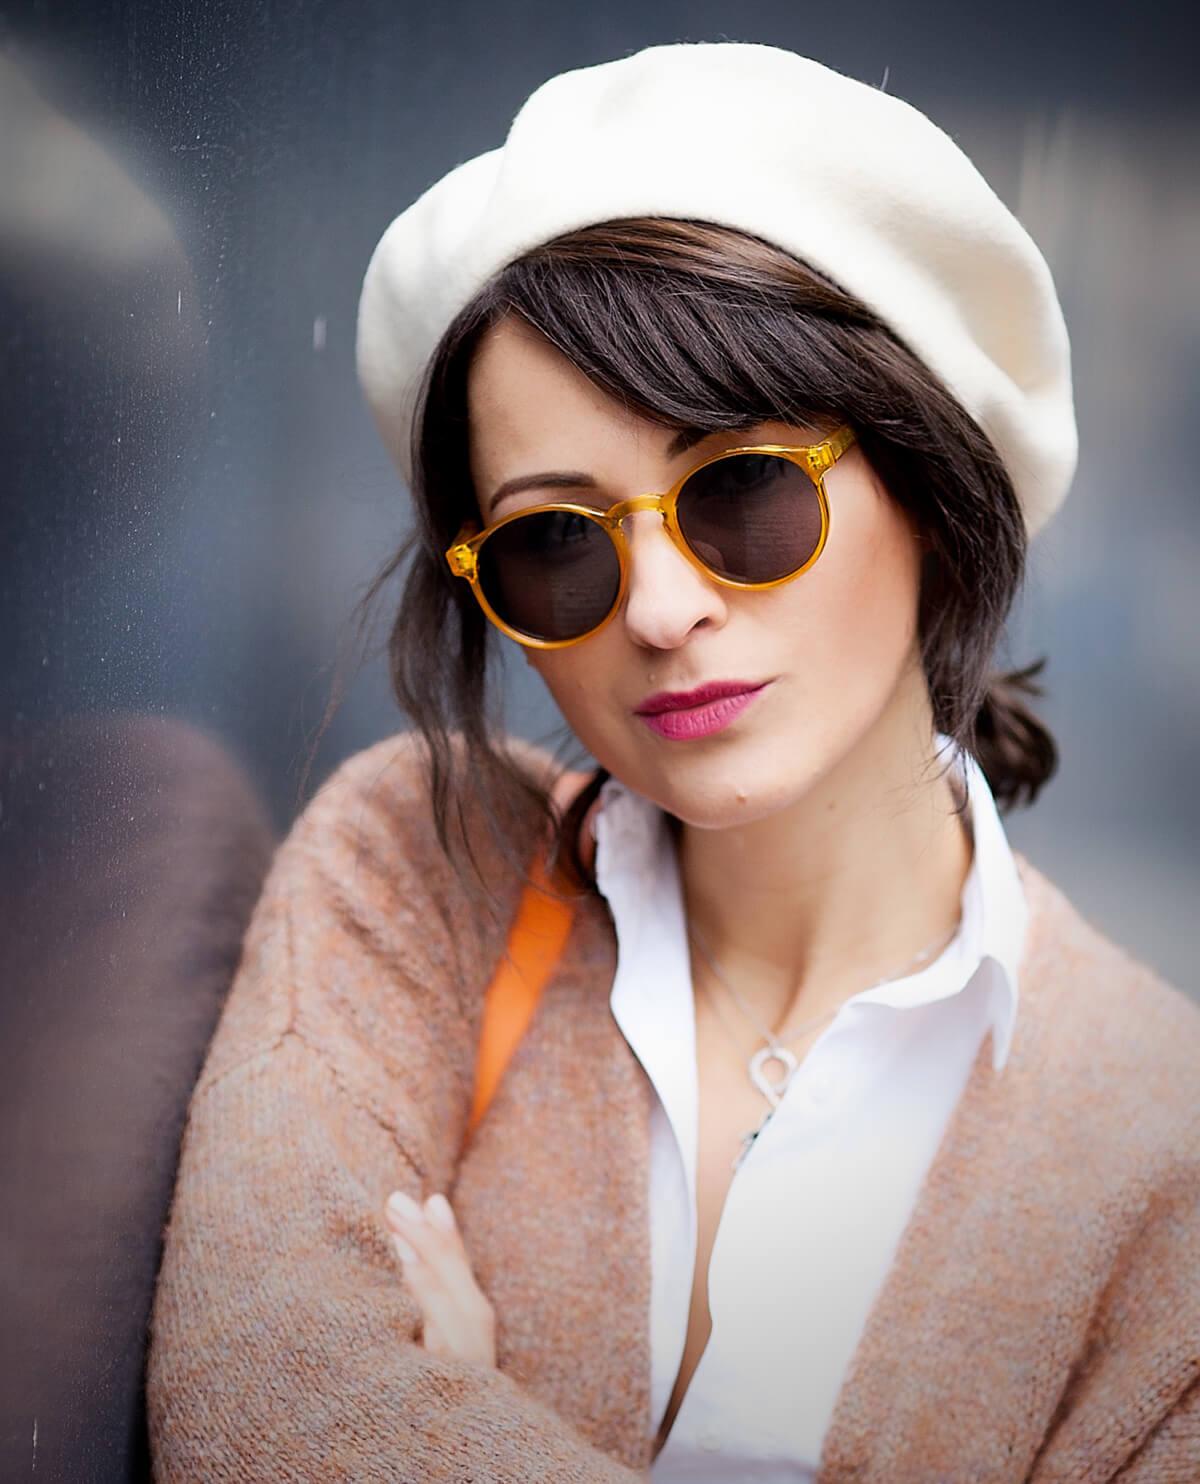 wool+beret+portrait_ellena+galant+girl